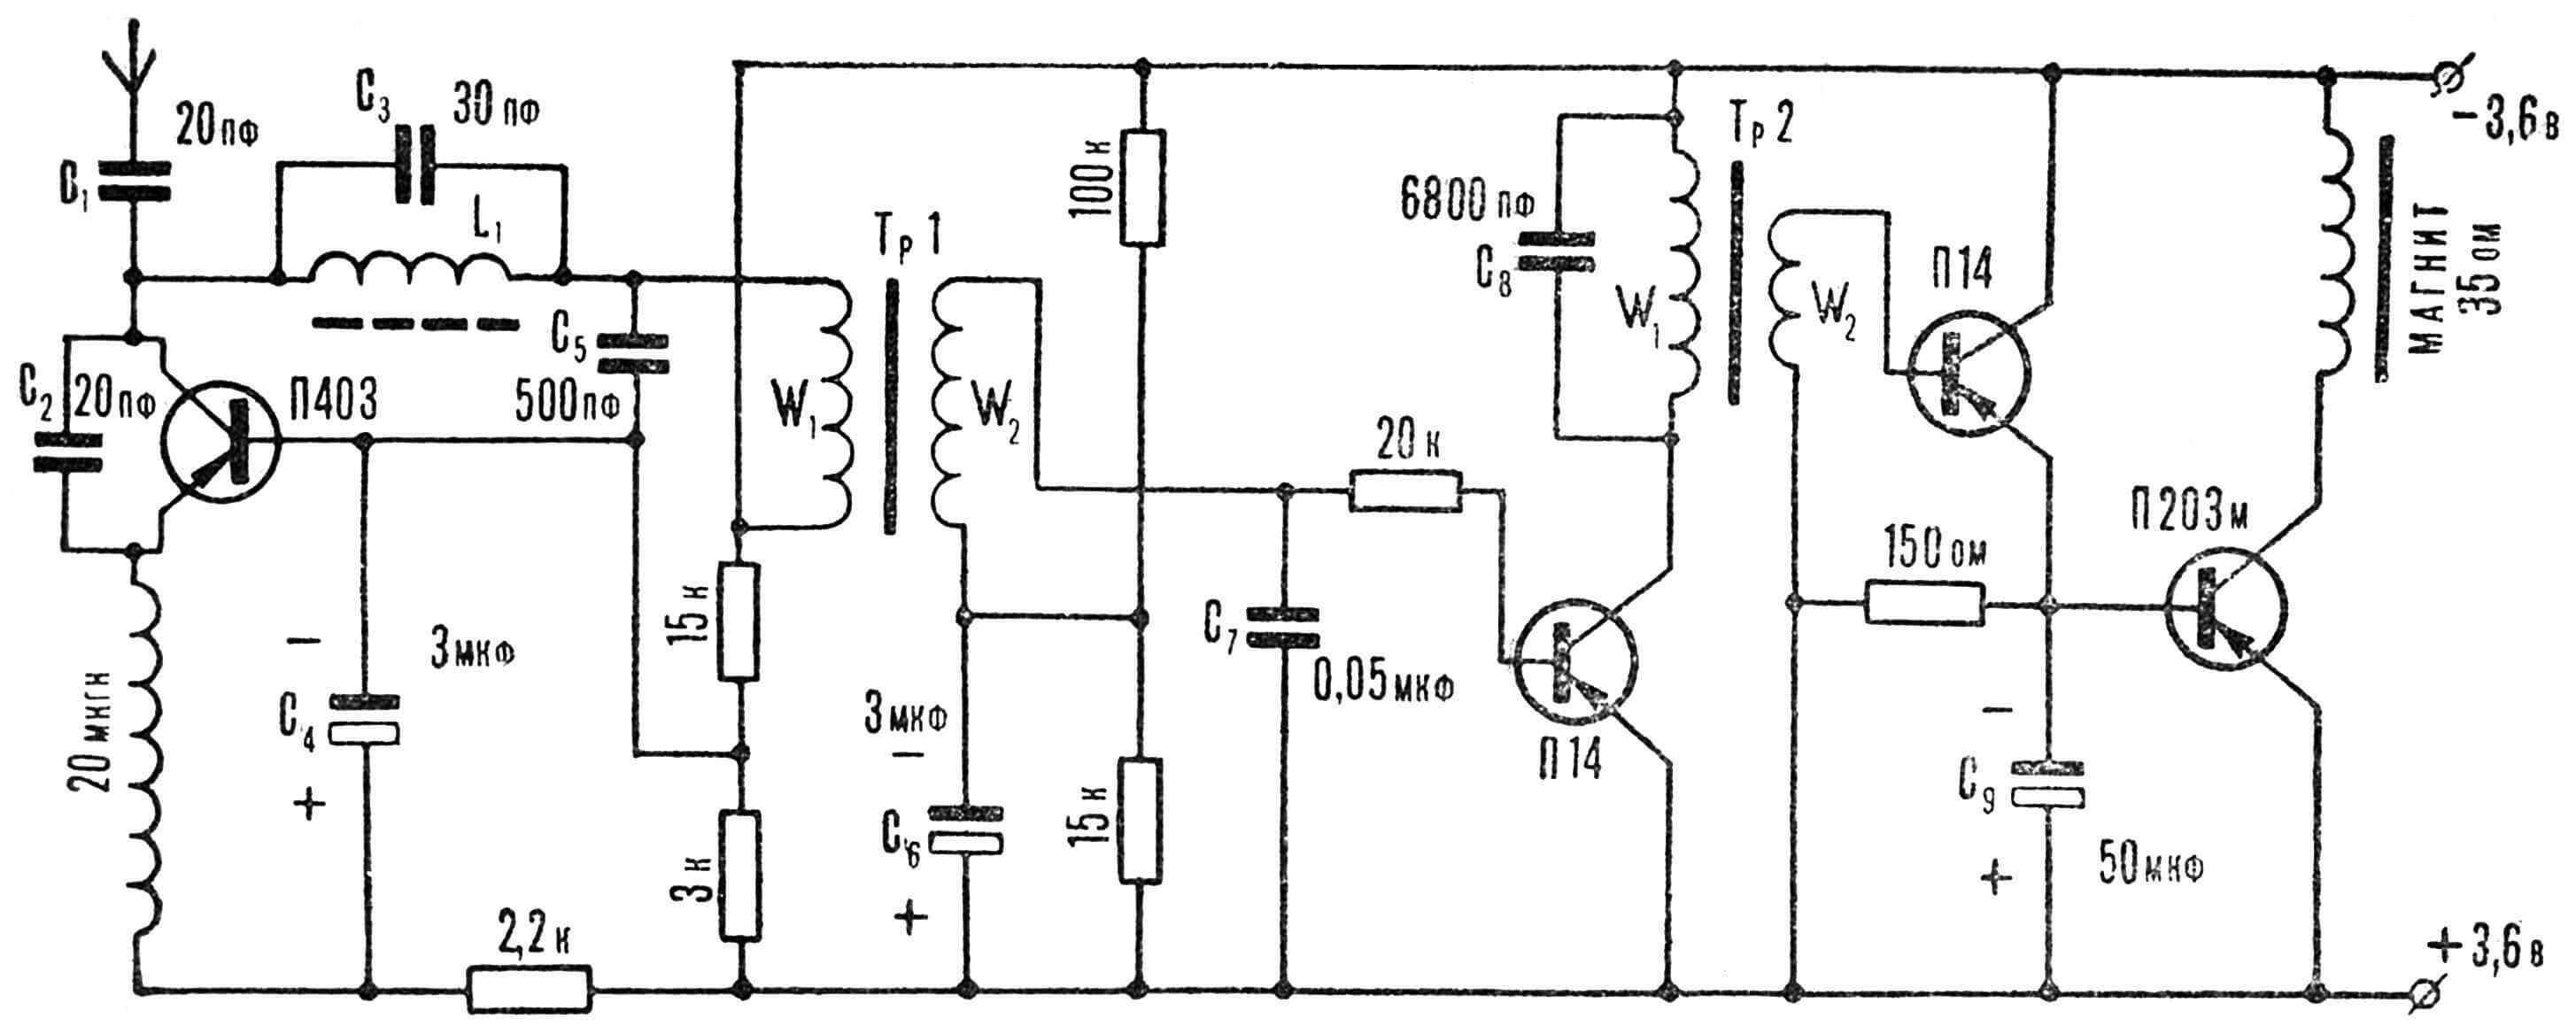 Рис. 6. Принципиальная электрическая схема приемника.